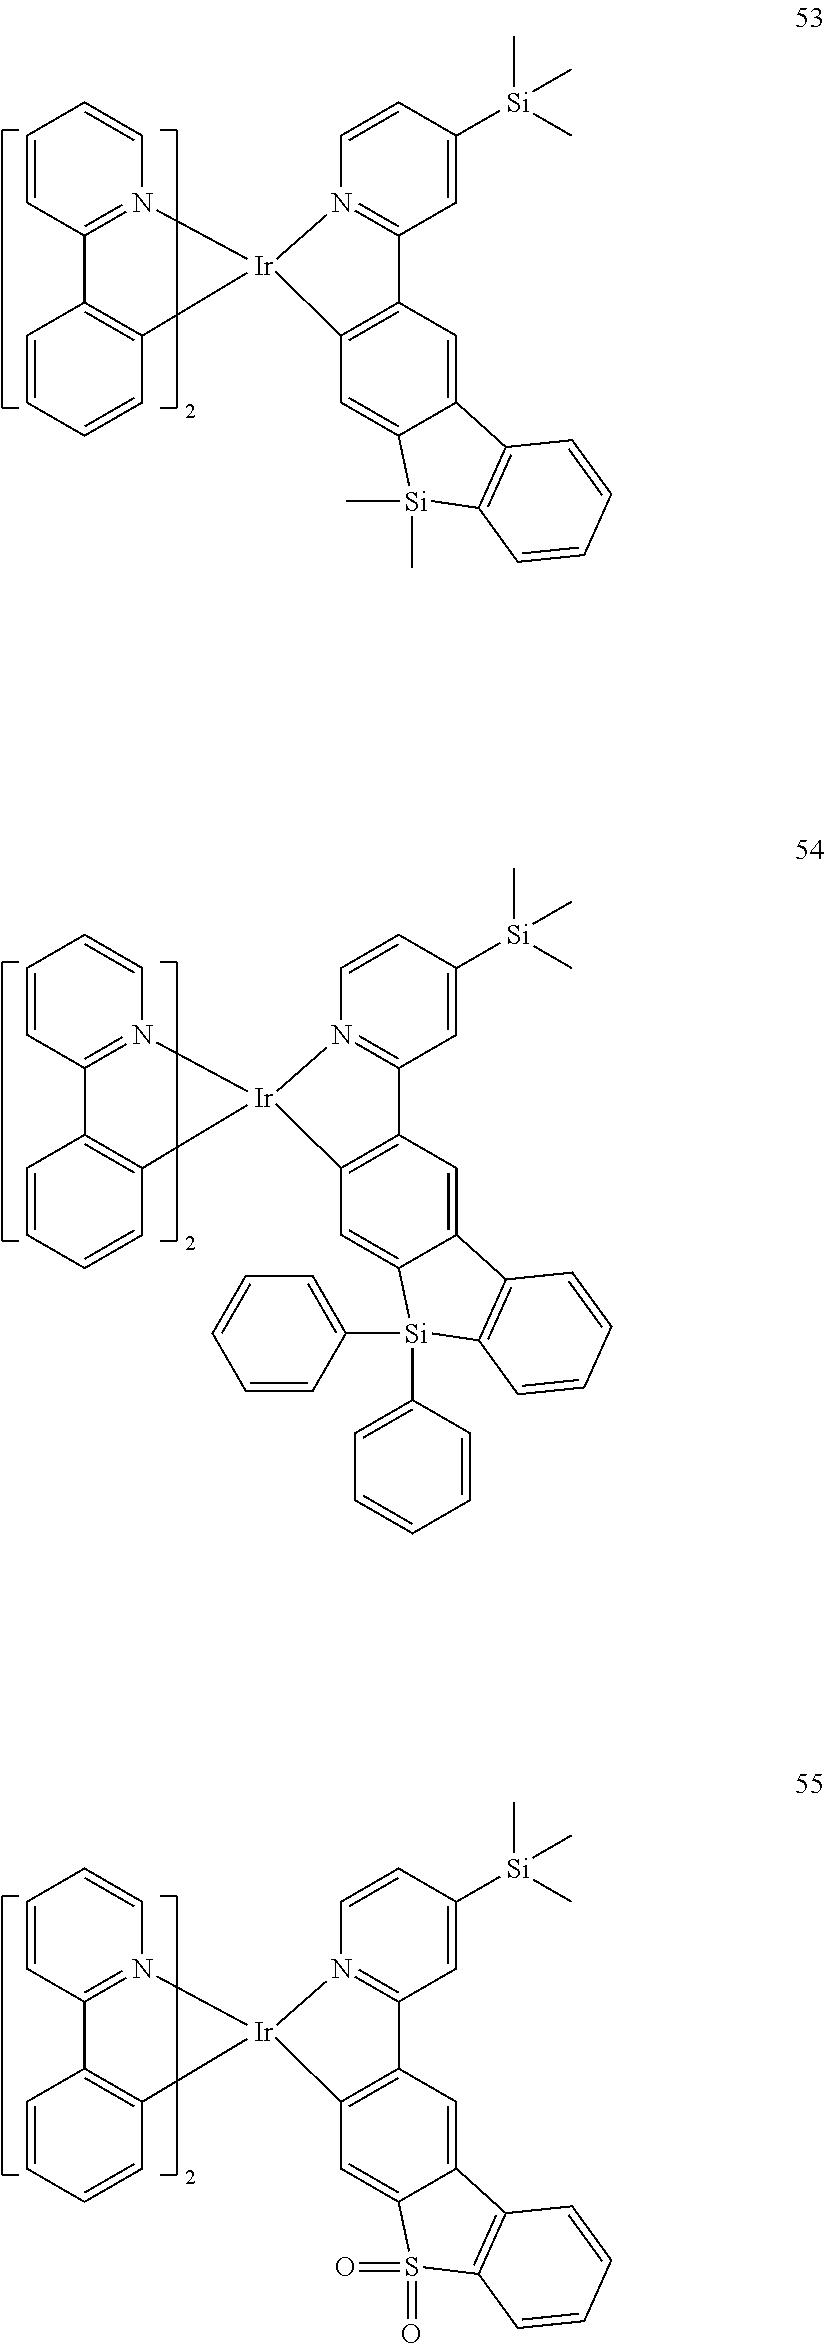 Figure US20160155962A1-20160602-C00074